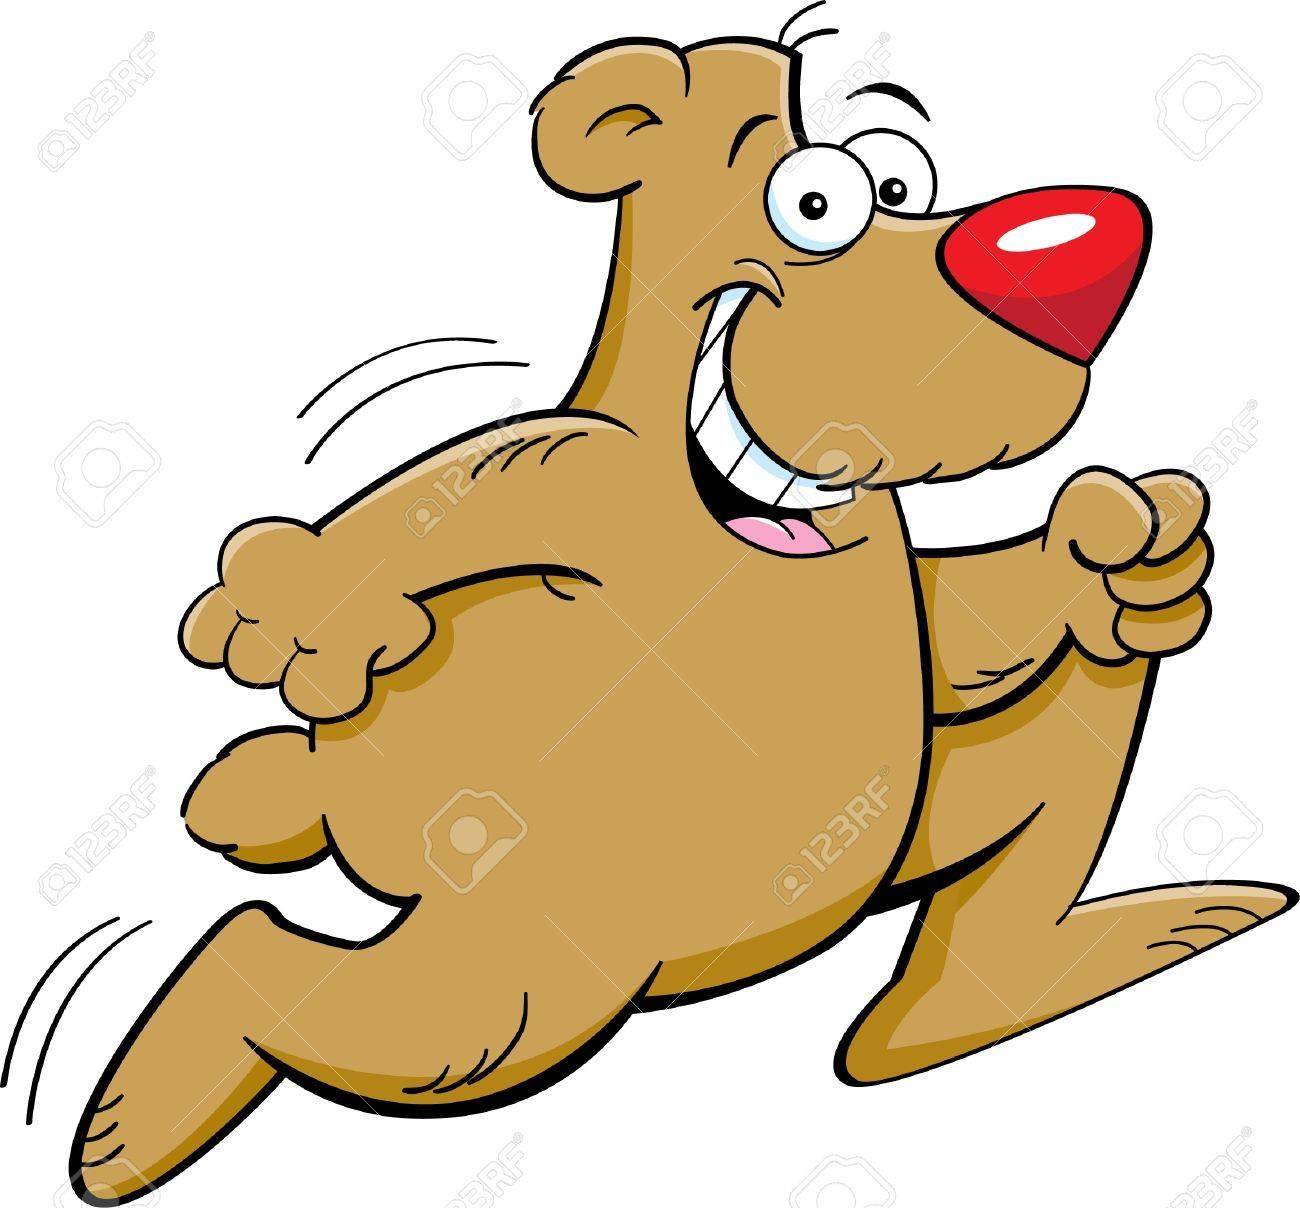 Cartoon illustration of a bear running Stock Vector - 14374635